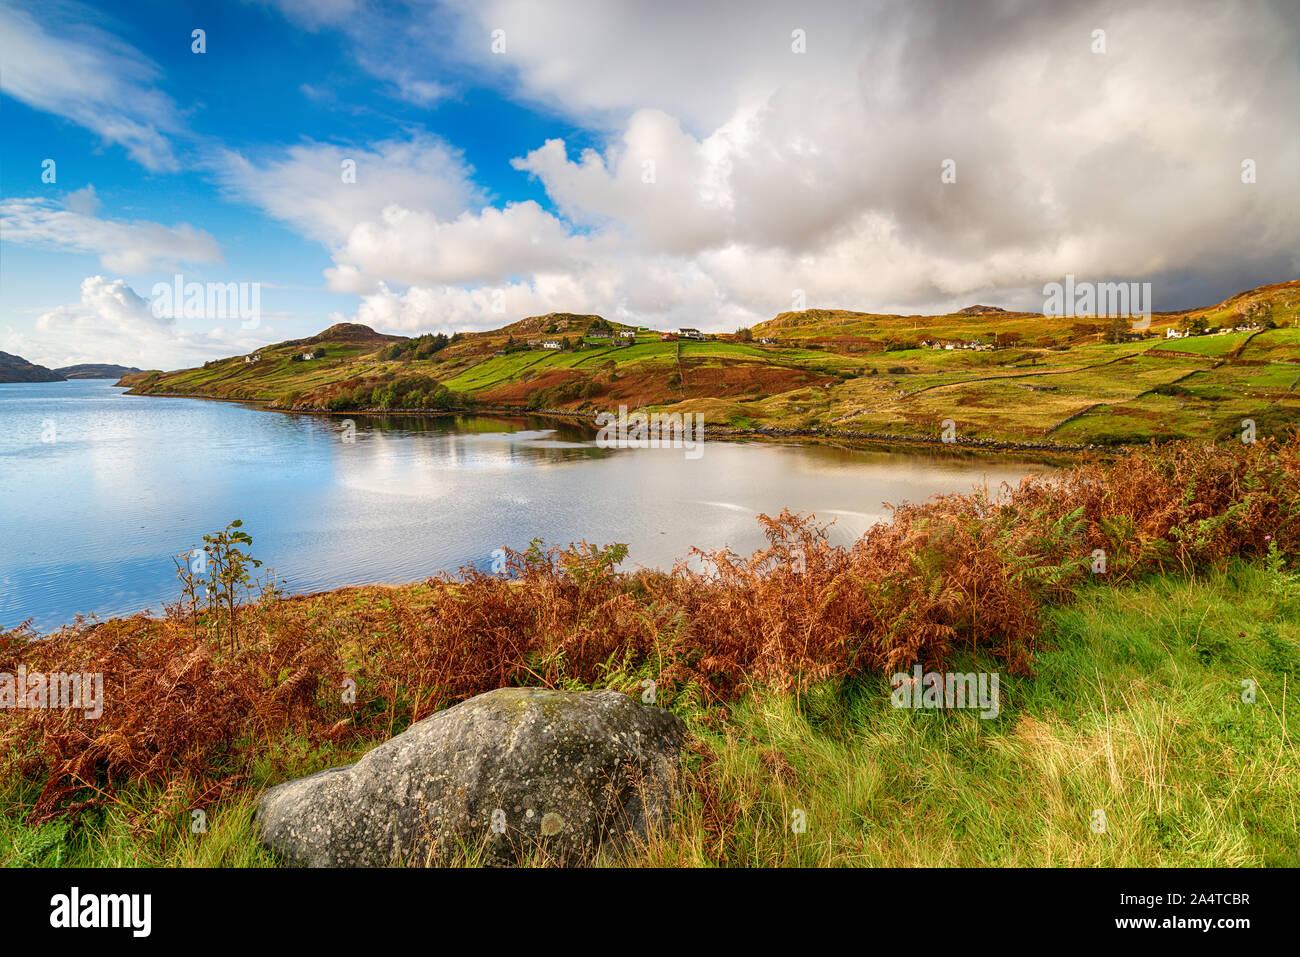 Guardando fuori sopra Loch inchard ammantata di Autmun colore a kinlochbervie nelle Highlands della Scozia e una sosta popolare sul NC500 percorso turistico Foto Stock